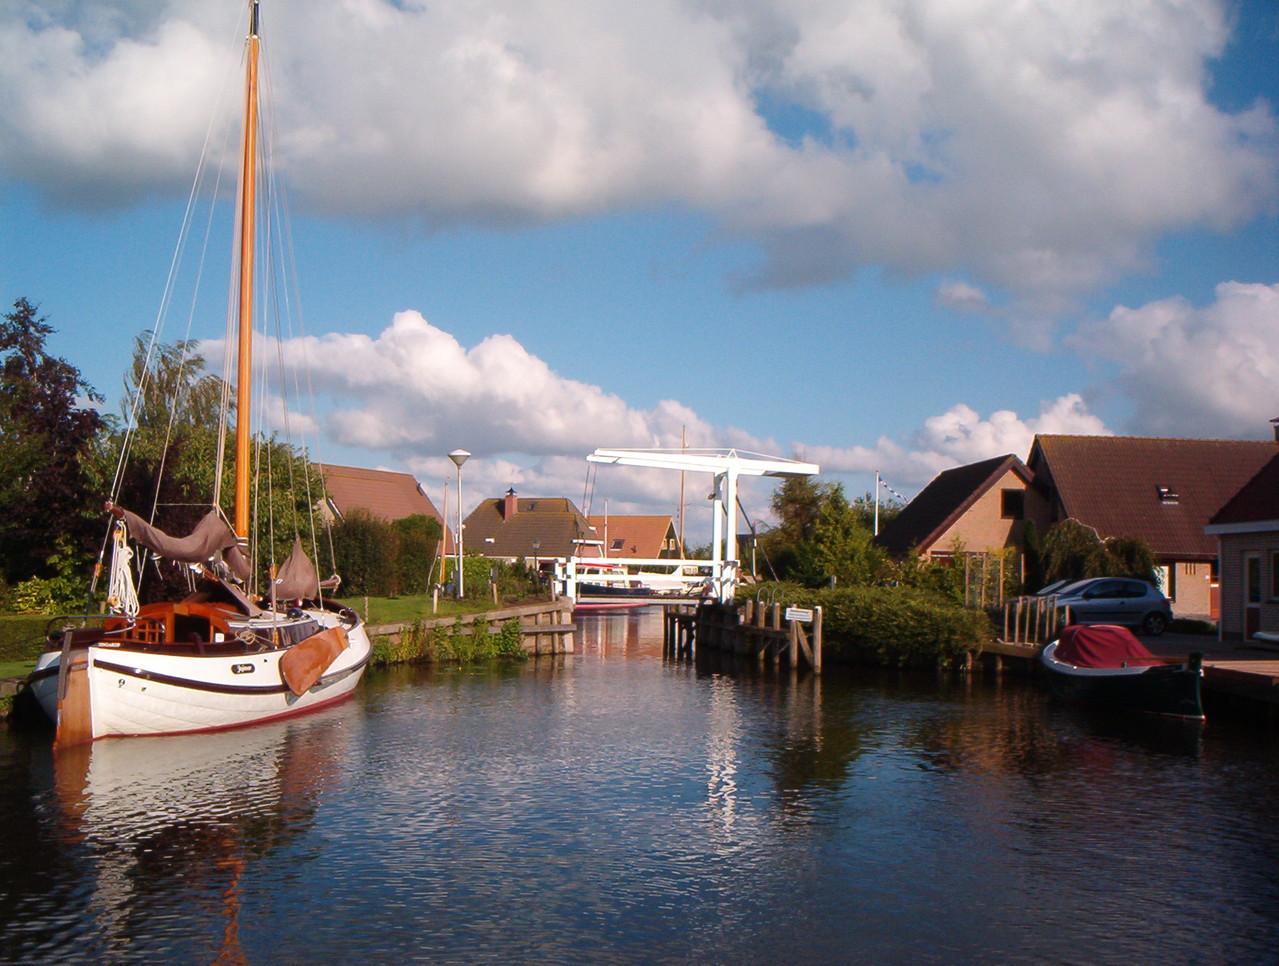 www.bungalowparkgarijp.nl - Blick aus dem Park